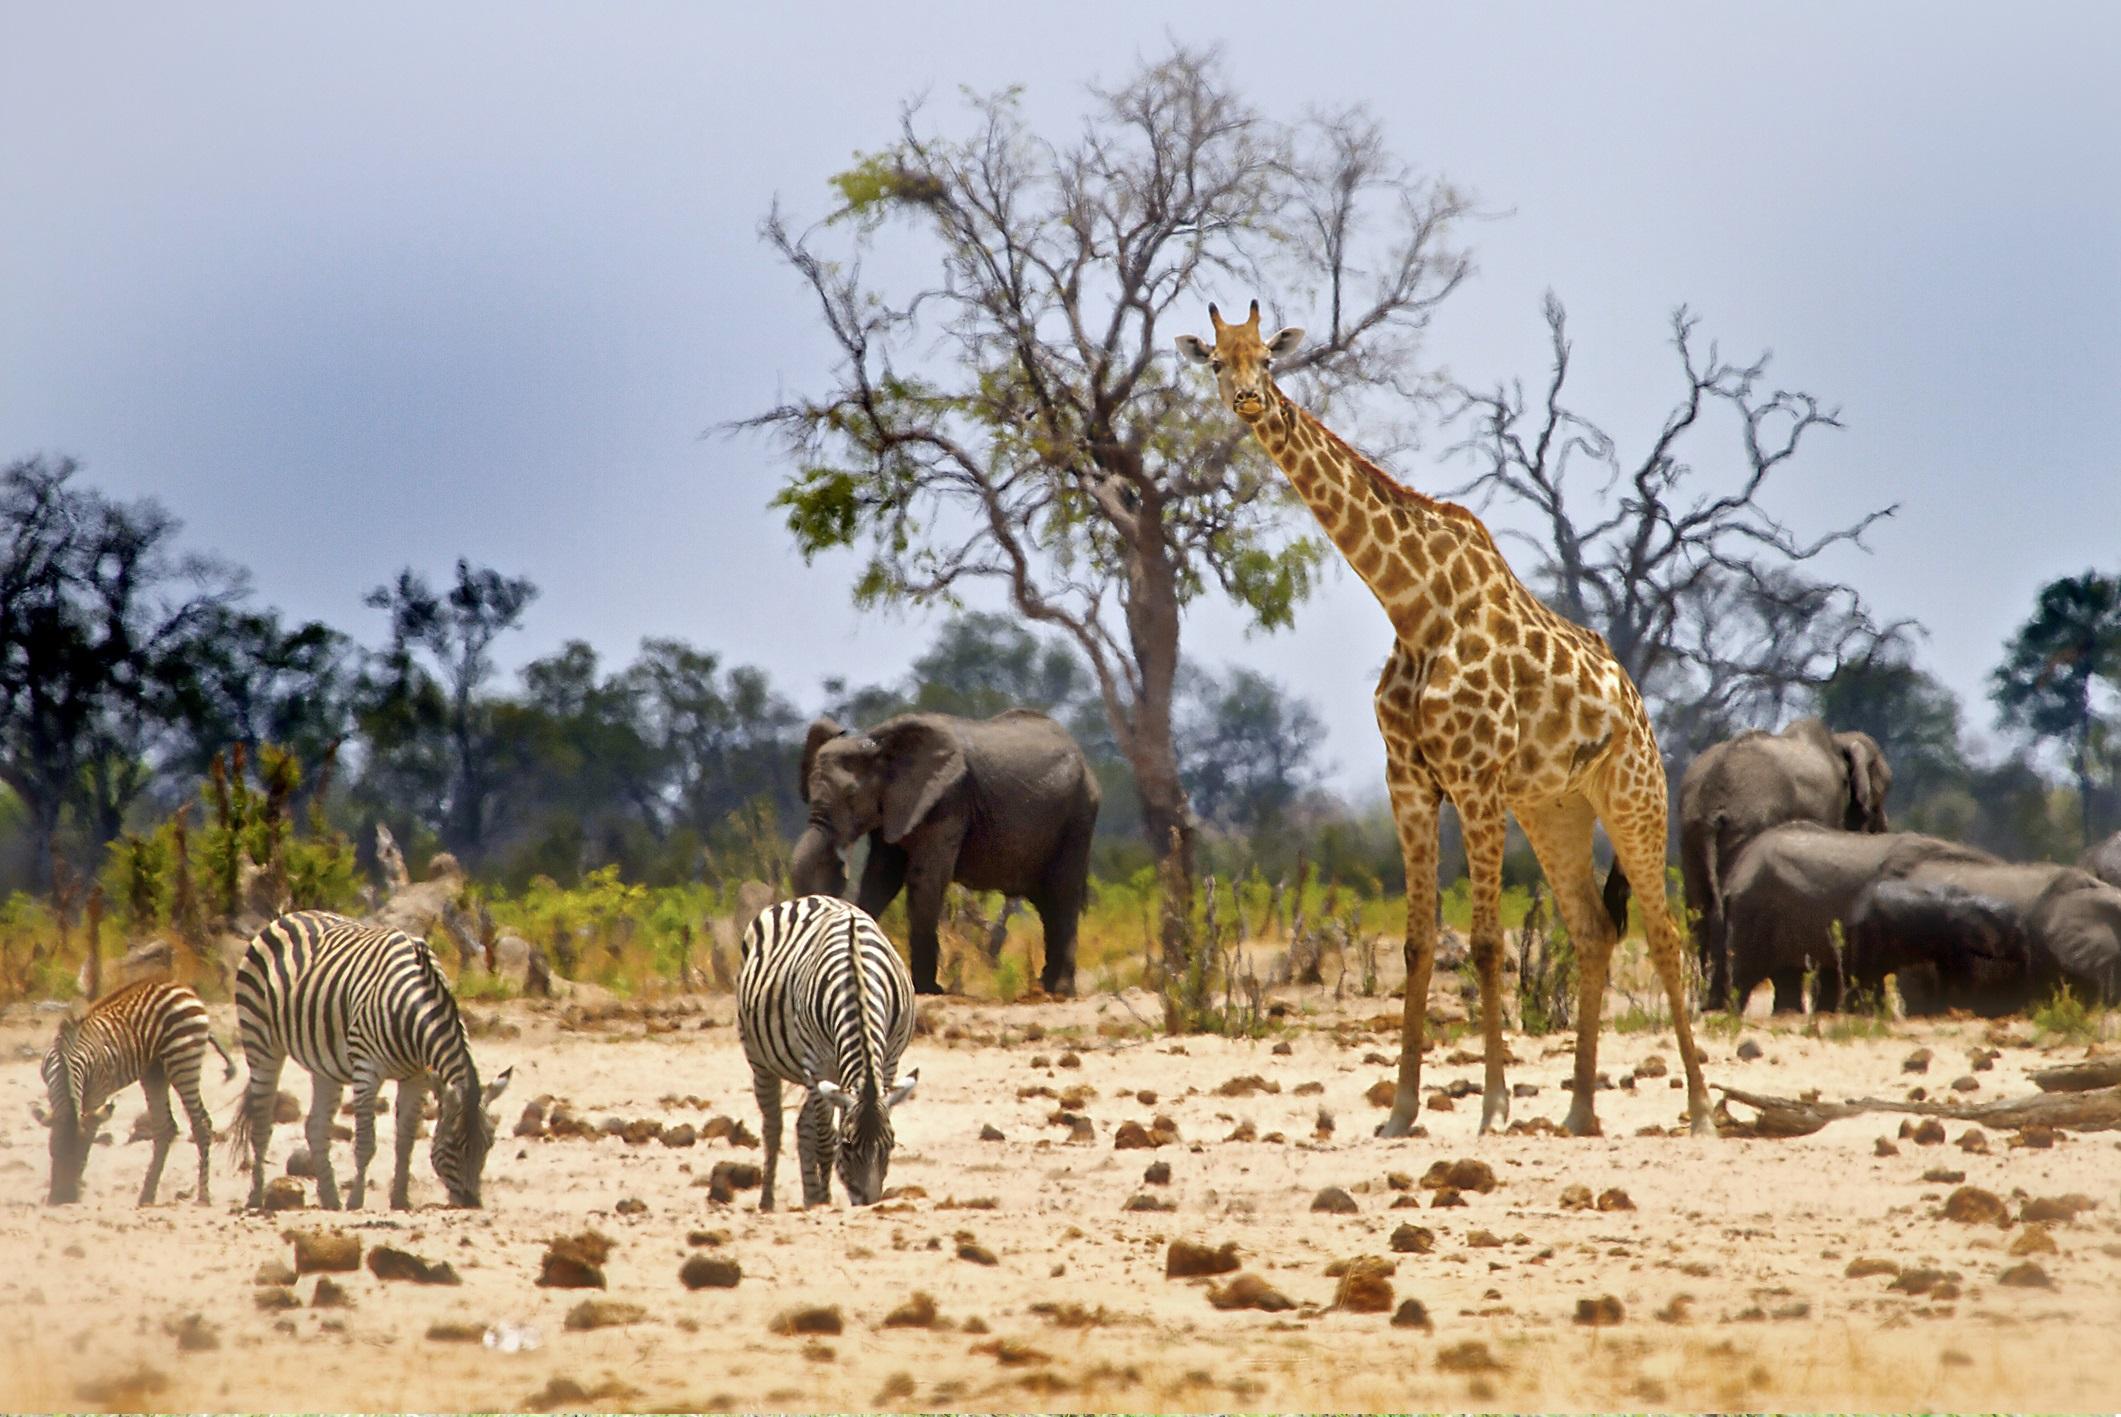 Национален парк Хванге, Зимбабве<br /> <br /> Национален парк Хванге е най-подцененият парк за дивата природа в Африка. Най-големият национален парк в Зимбабве (с почти същата площ като Хавай) се гордее с по-голямо разнообразие от бозайници (108 вида), отколкото всеки друг национален парк в света.